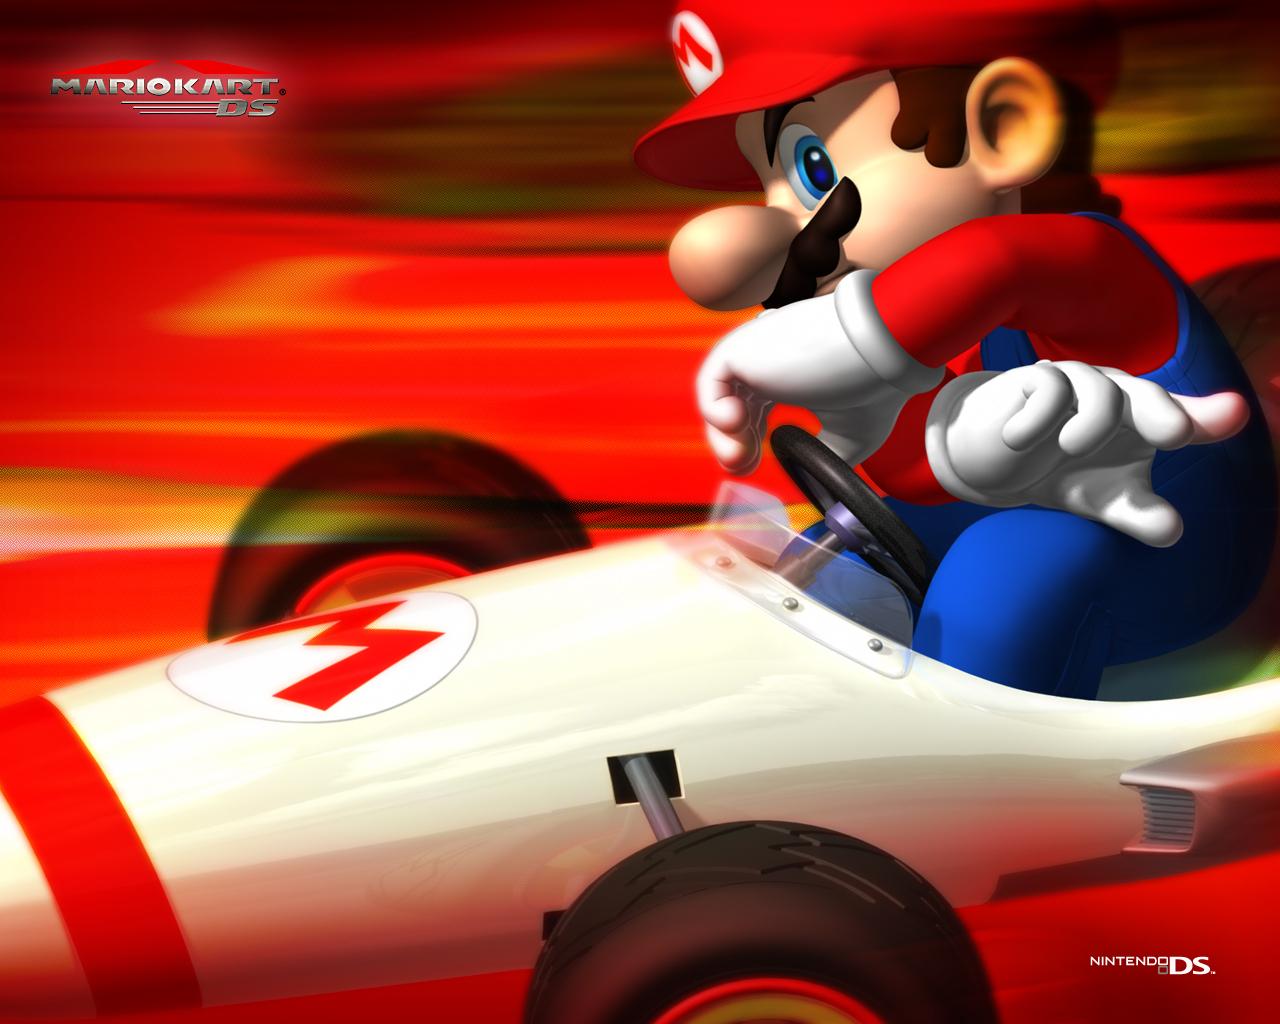 Wallpaper iphone mario bross - Wallpapers Hd Wallpapers Juego Super Mario Bros Hd Fondo De